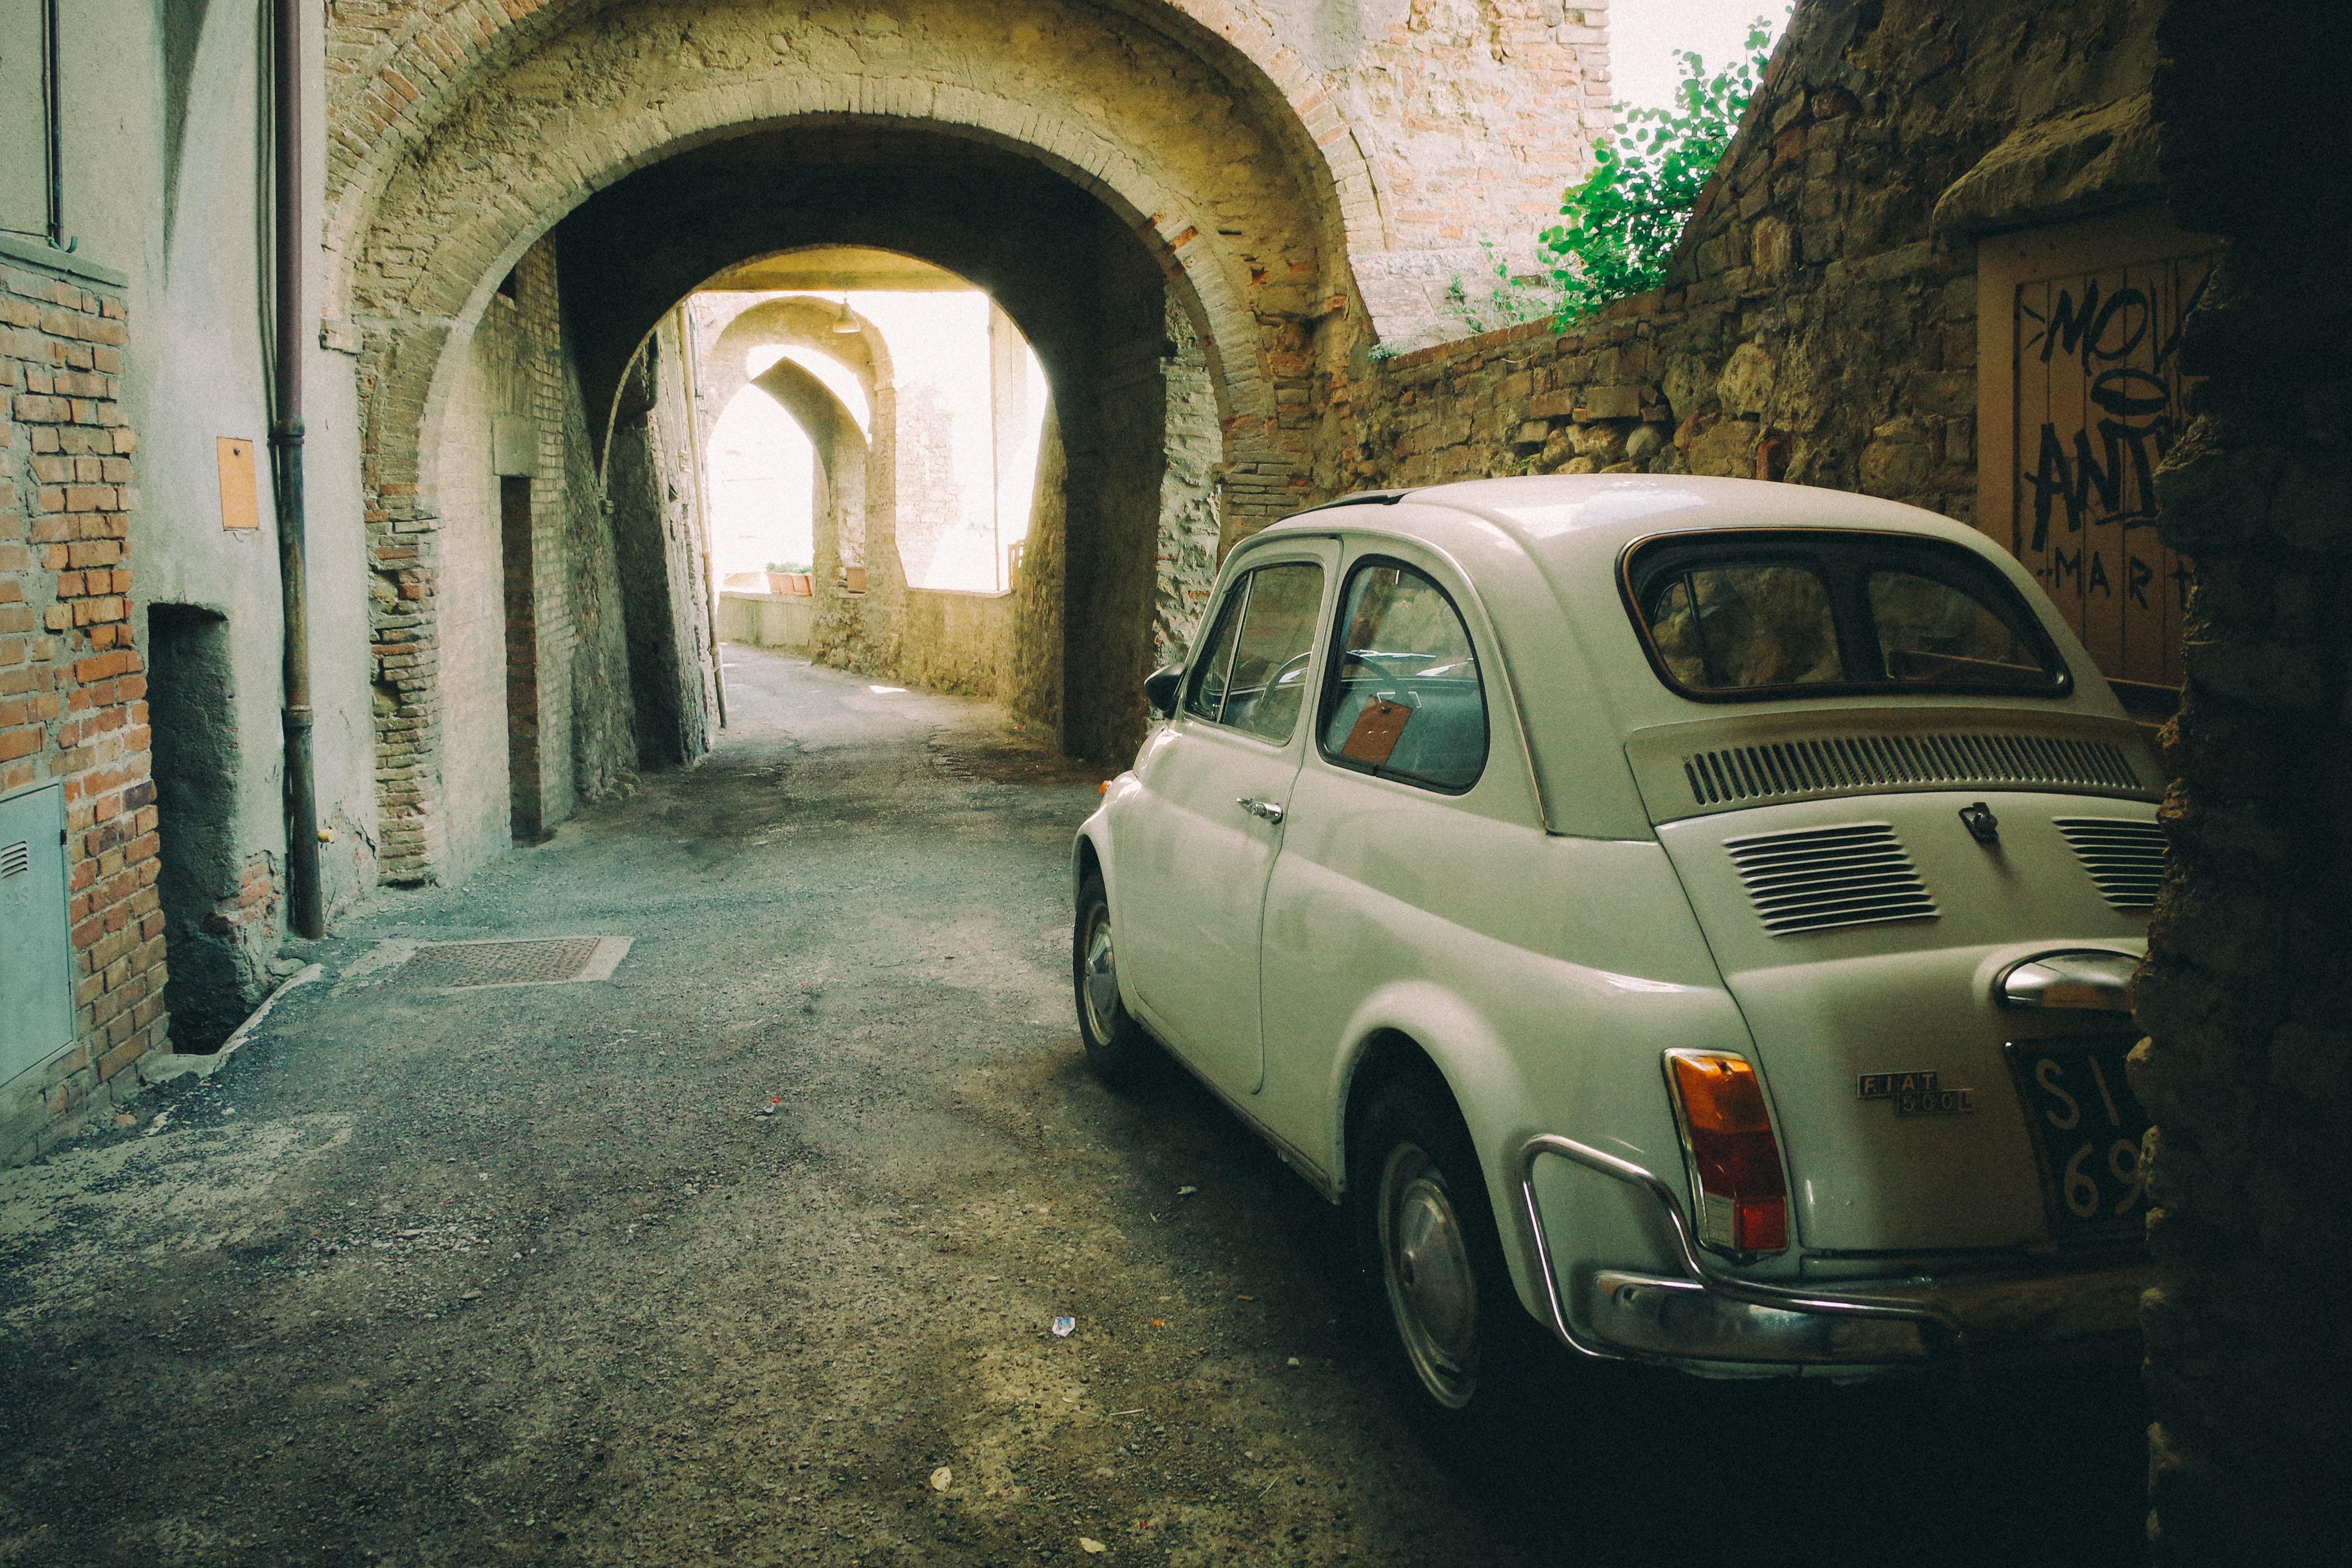 Free Images : road, street, wheel, italy, vintage car, oldschool ...